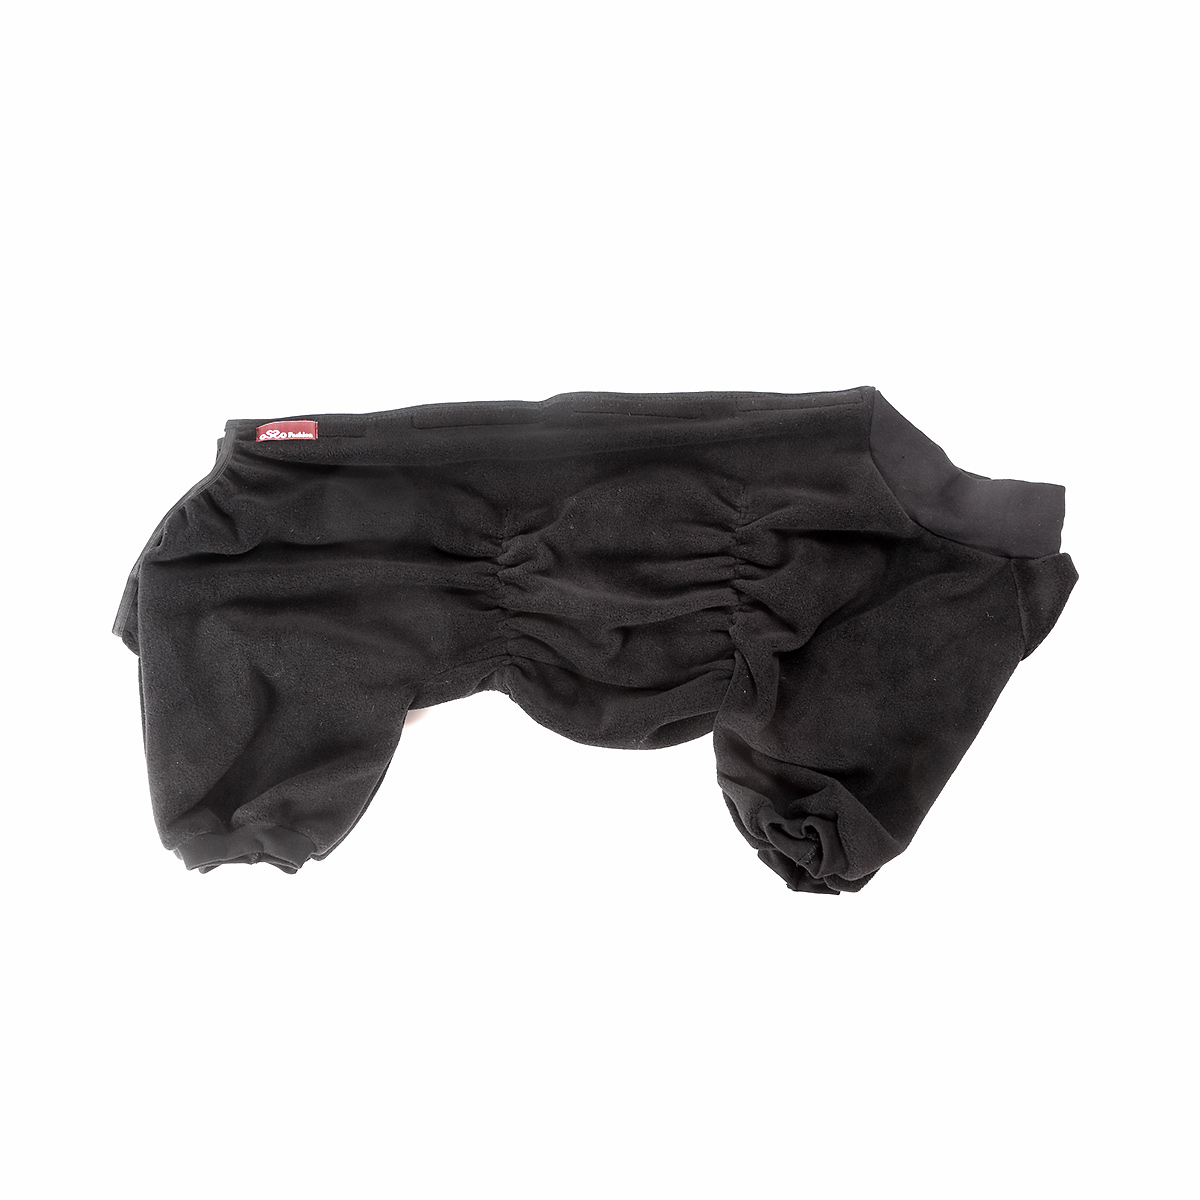 Комбинезон для собак  OSSO Fashion , для мальчика, цвет: графит. Размер 40